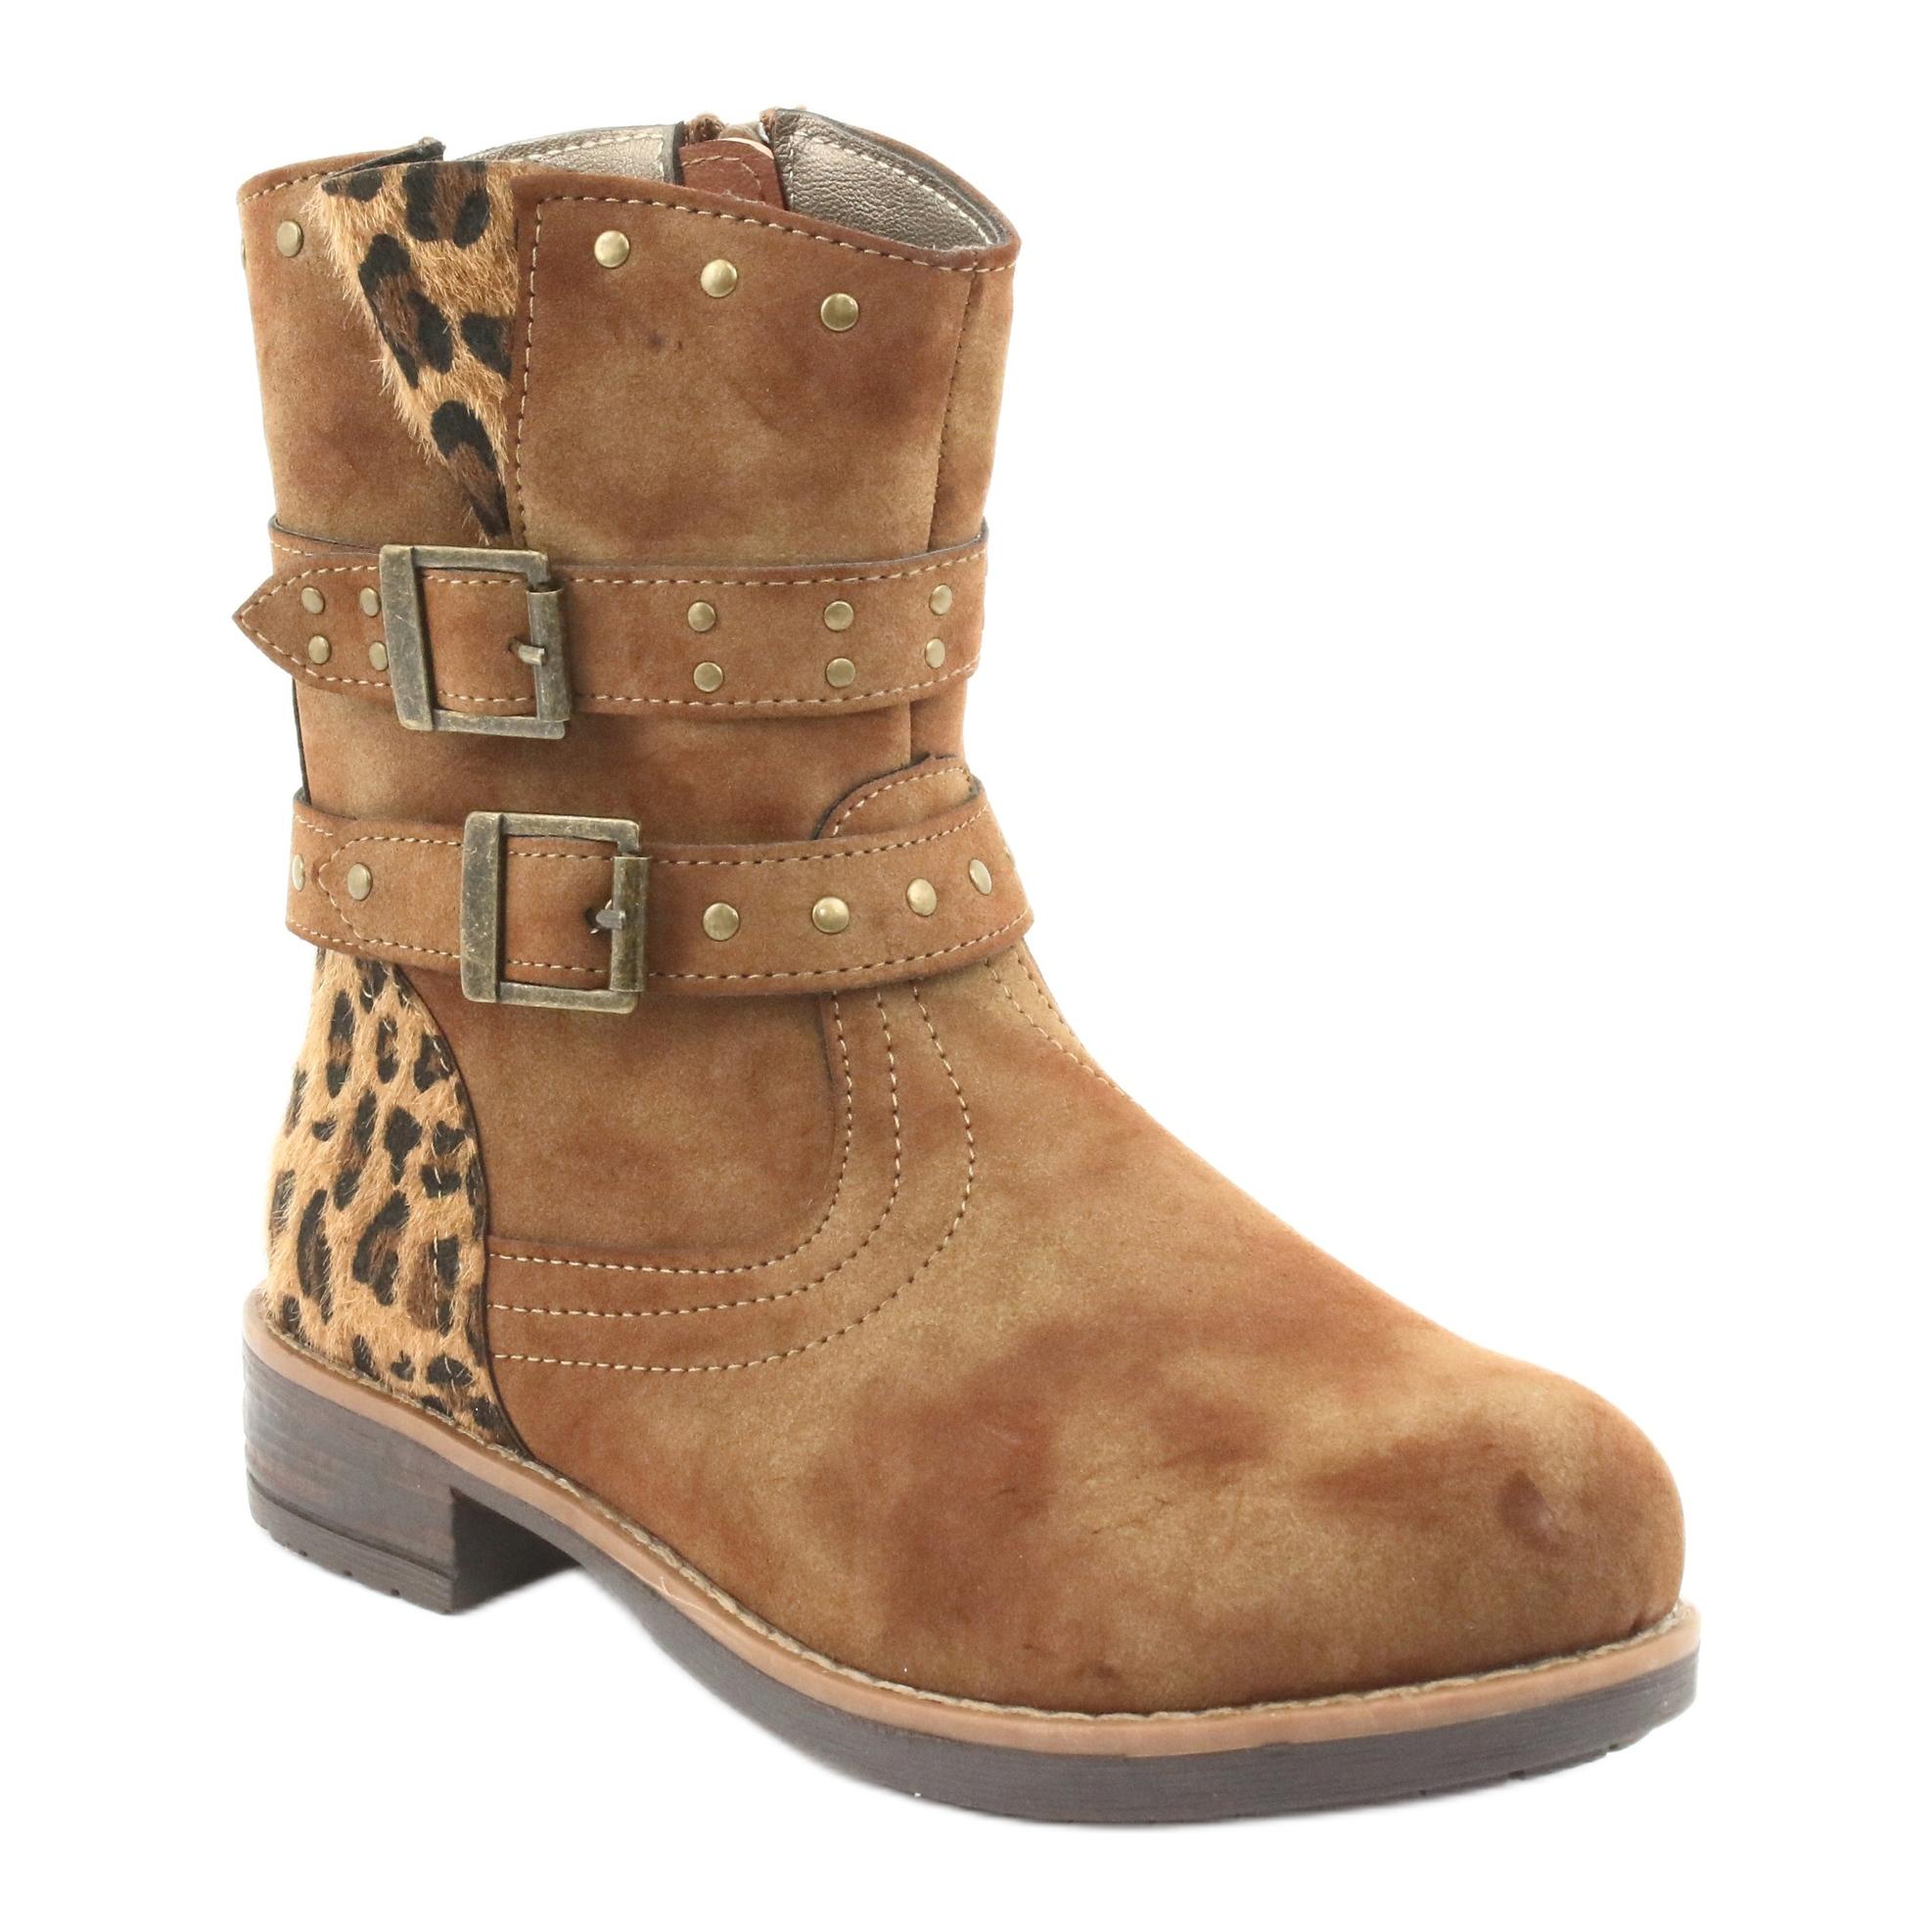 miniatura 2 - American Club Stivali di leopardo Getti marroni americani marrone